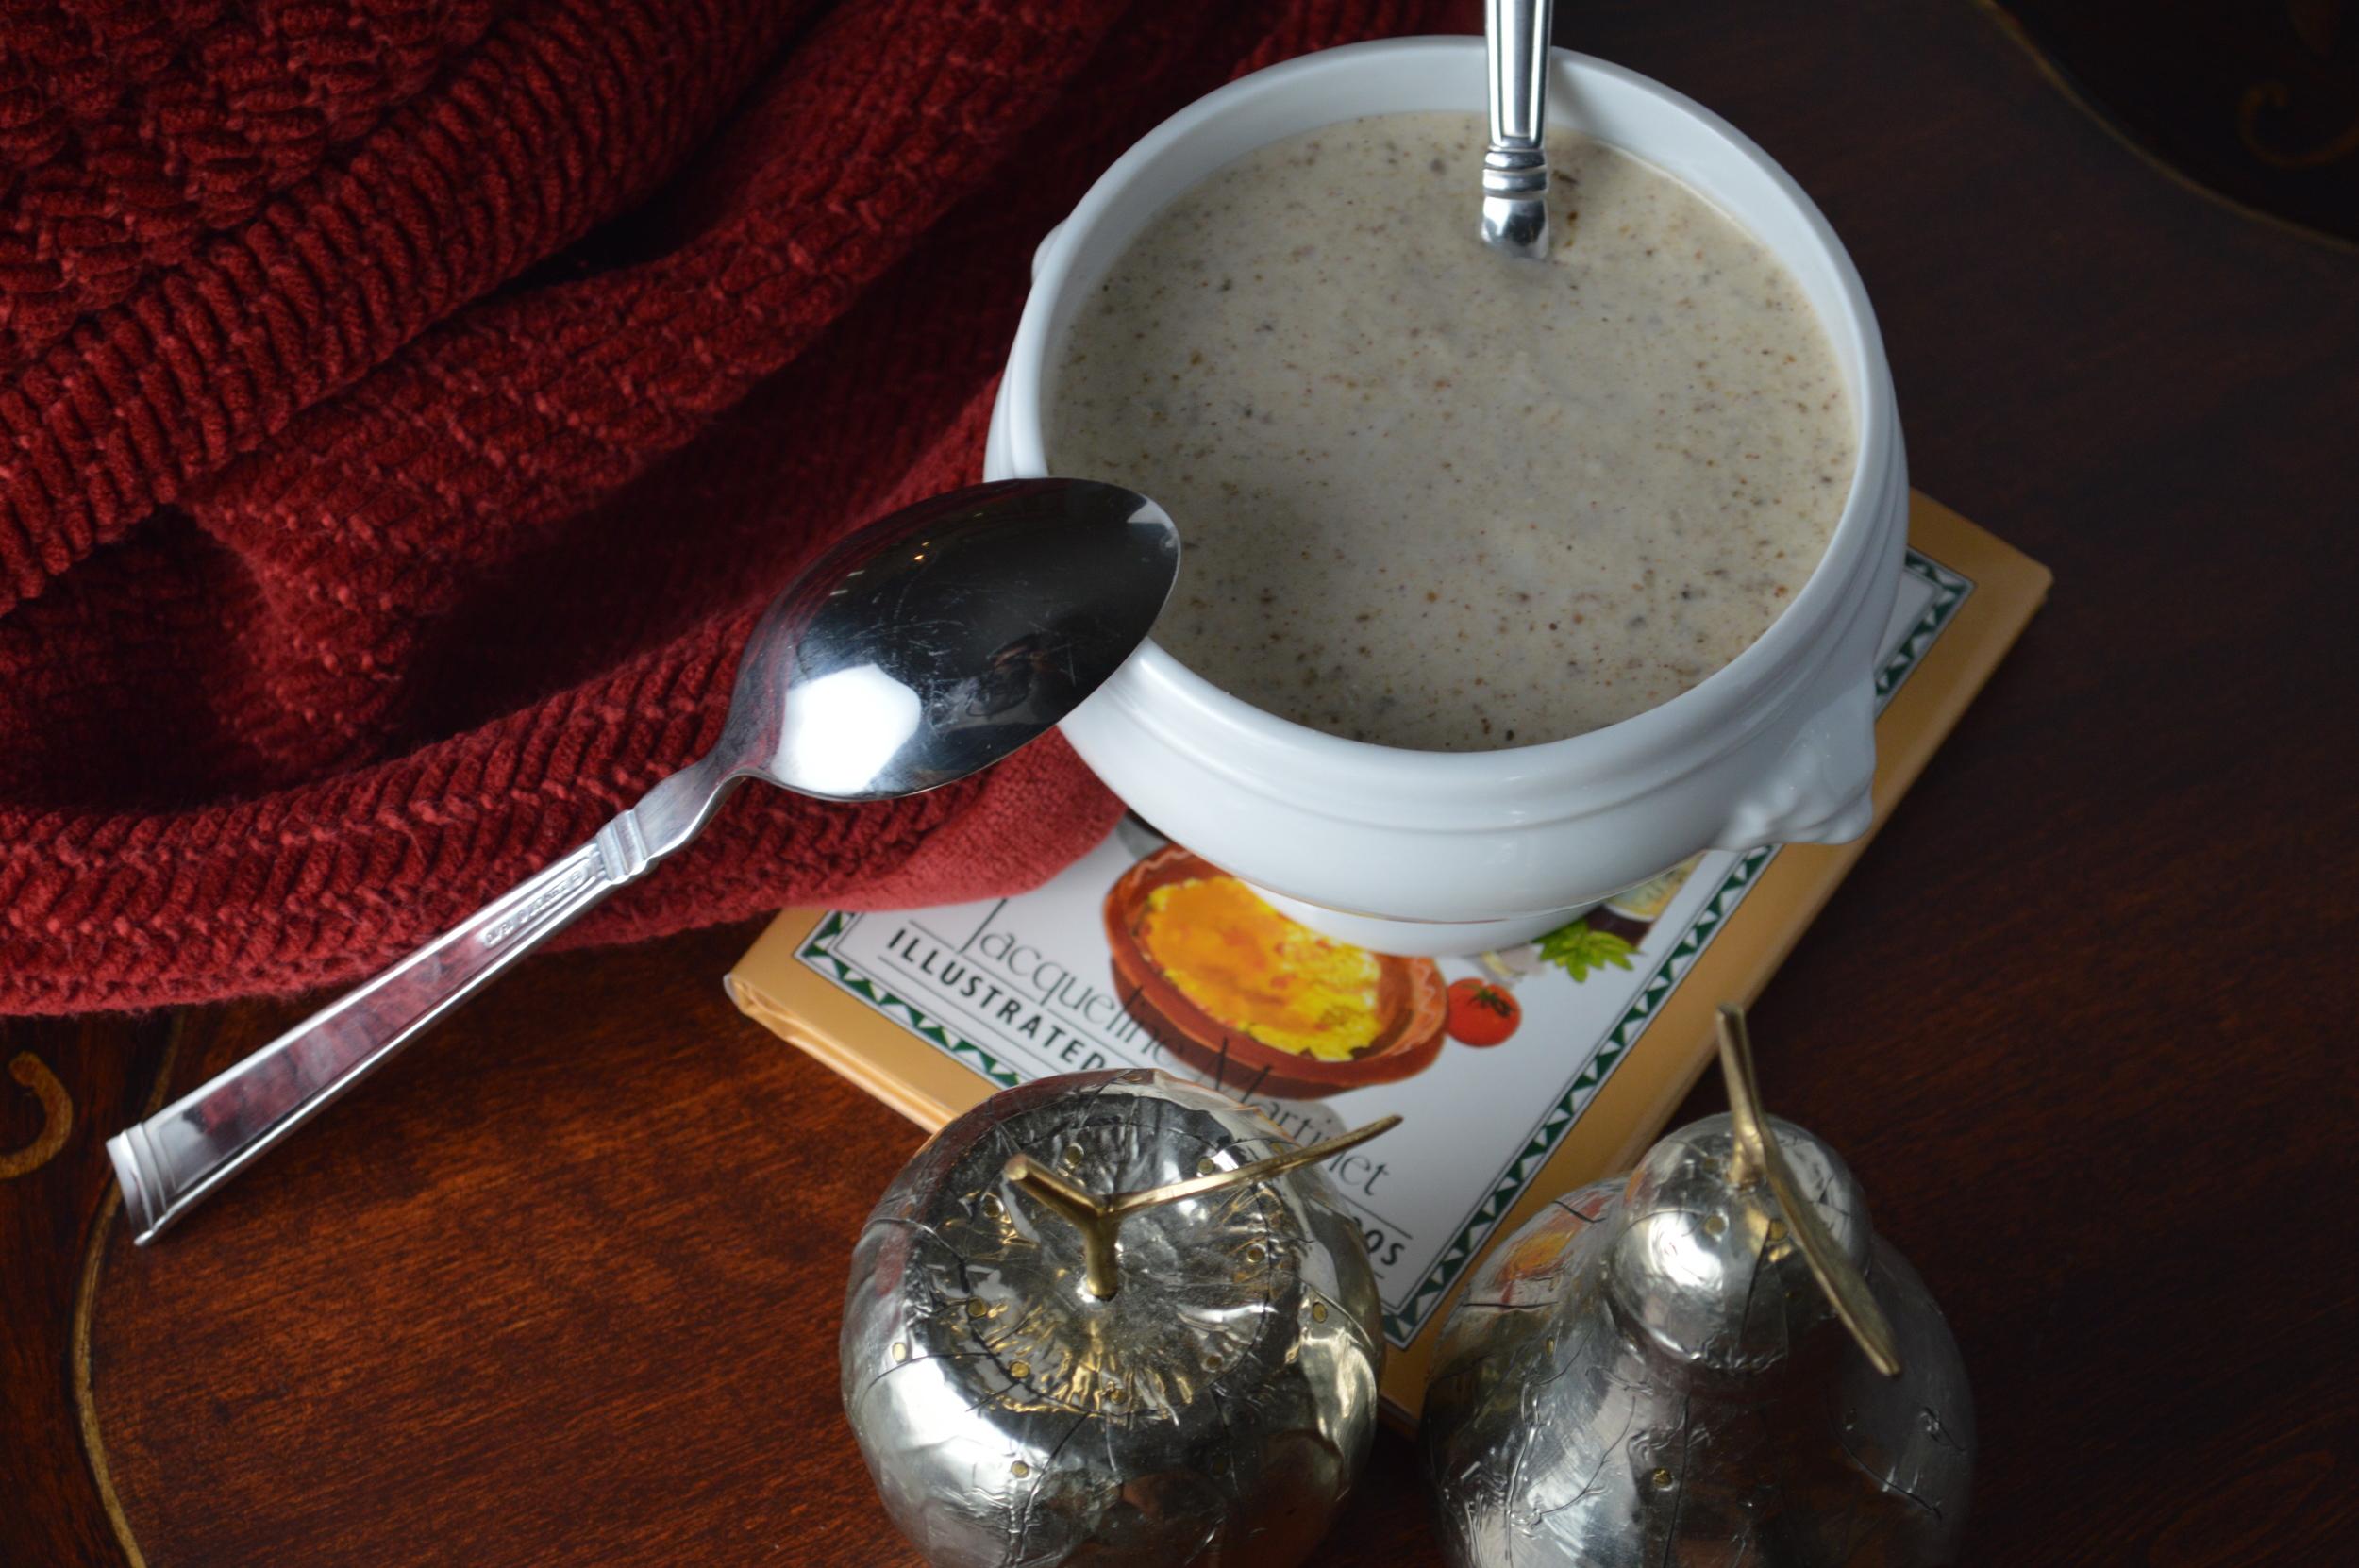 Trail Mix Overnight Oats with Siggi's Plain Drinkable Yogurt